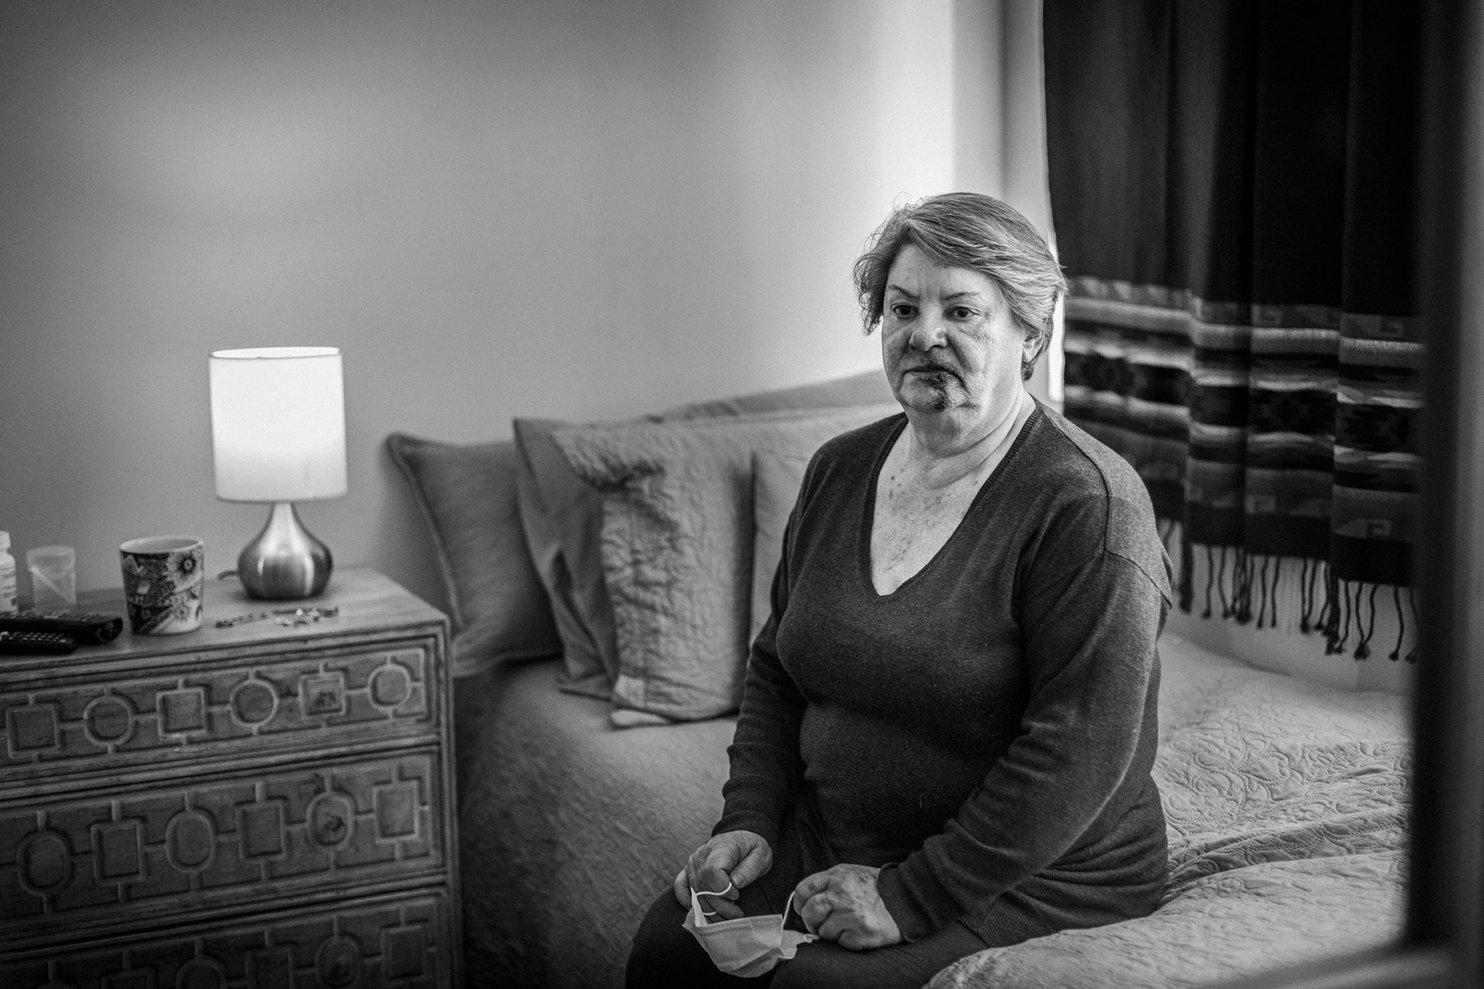 Retrato Publicitario Mujer Mayor Golpeada - Gobierno de Chile